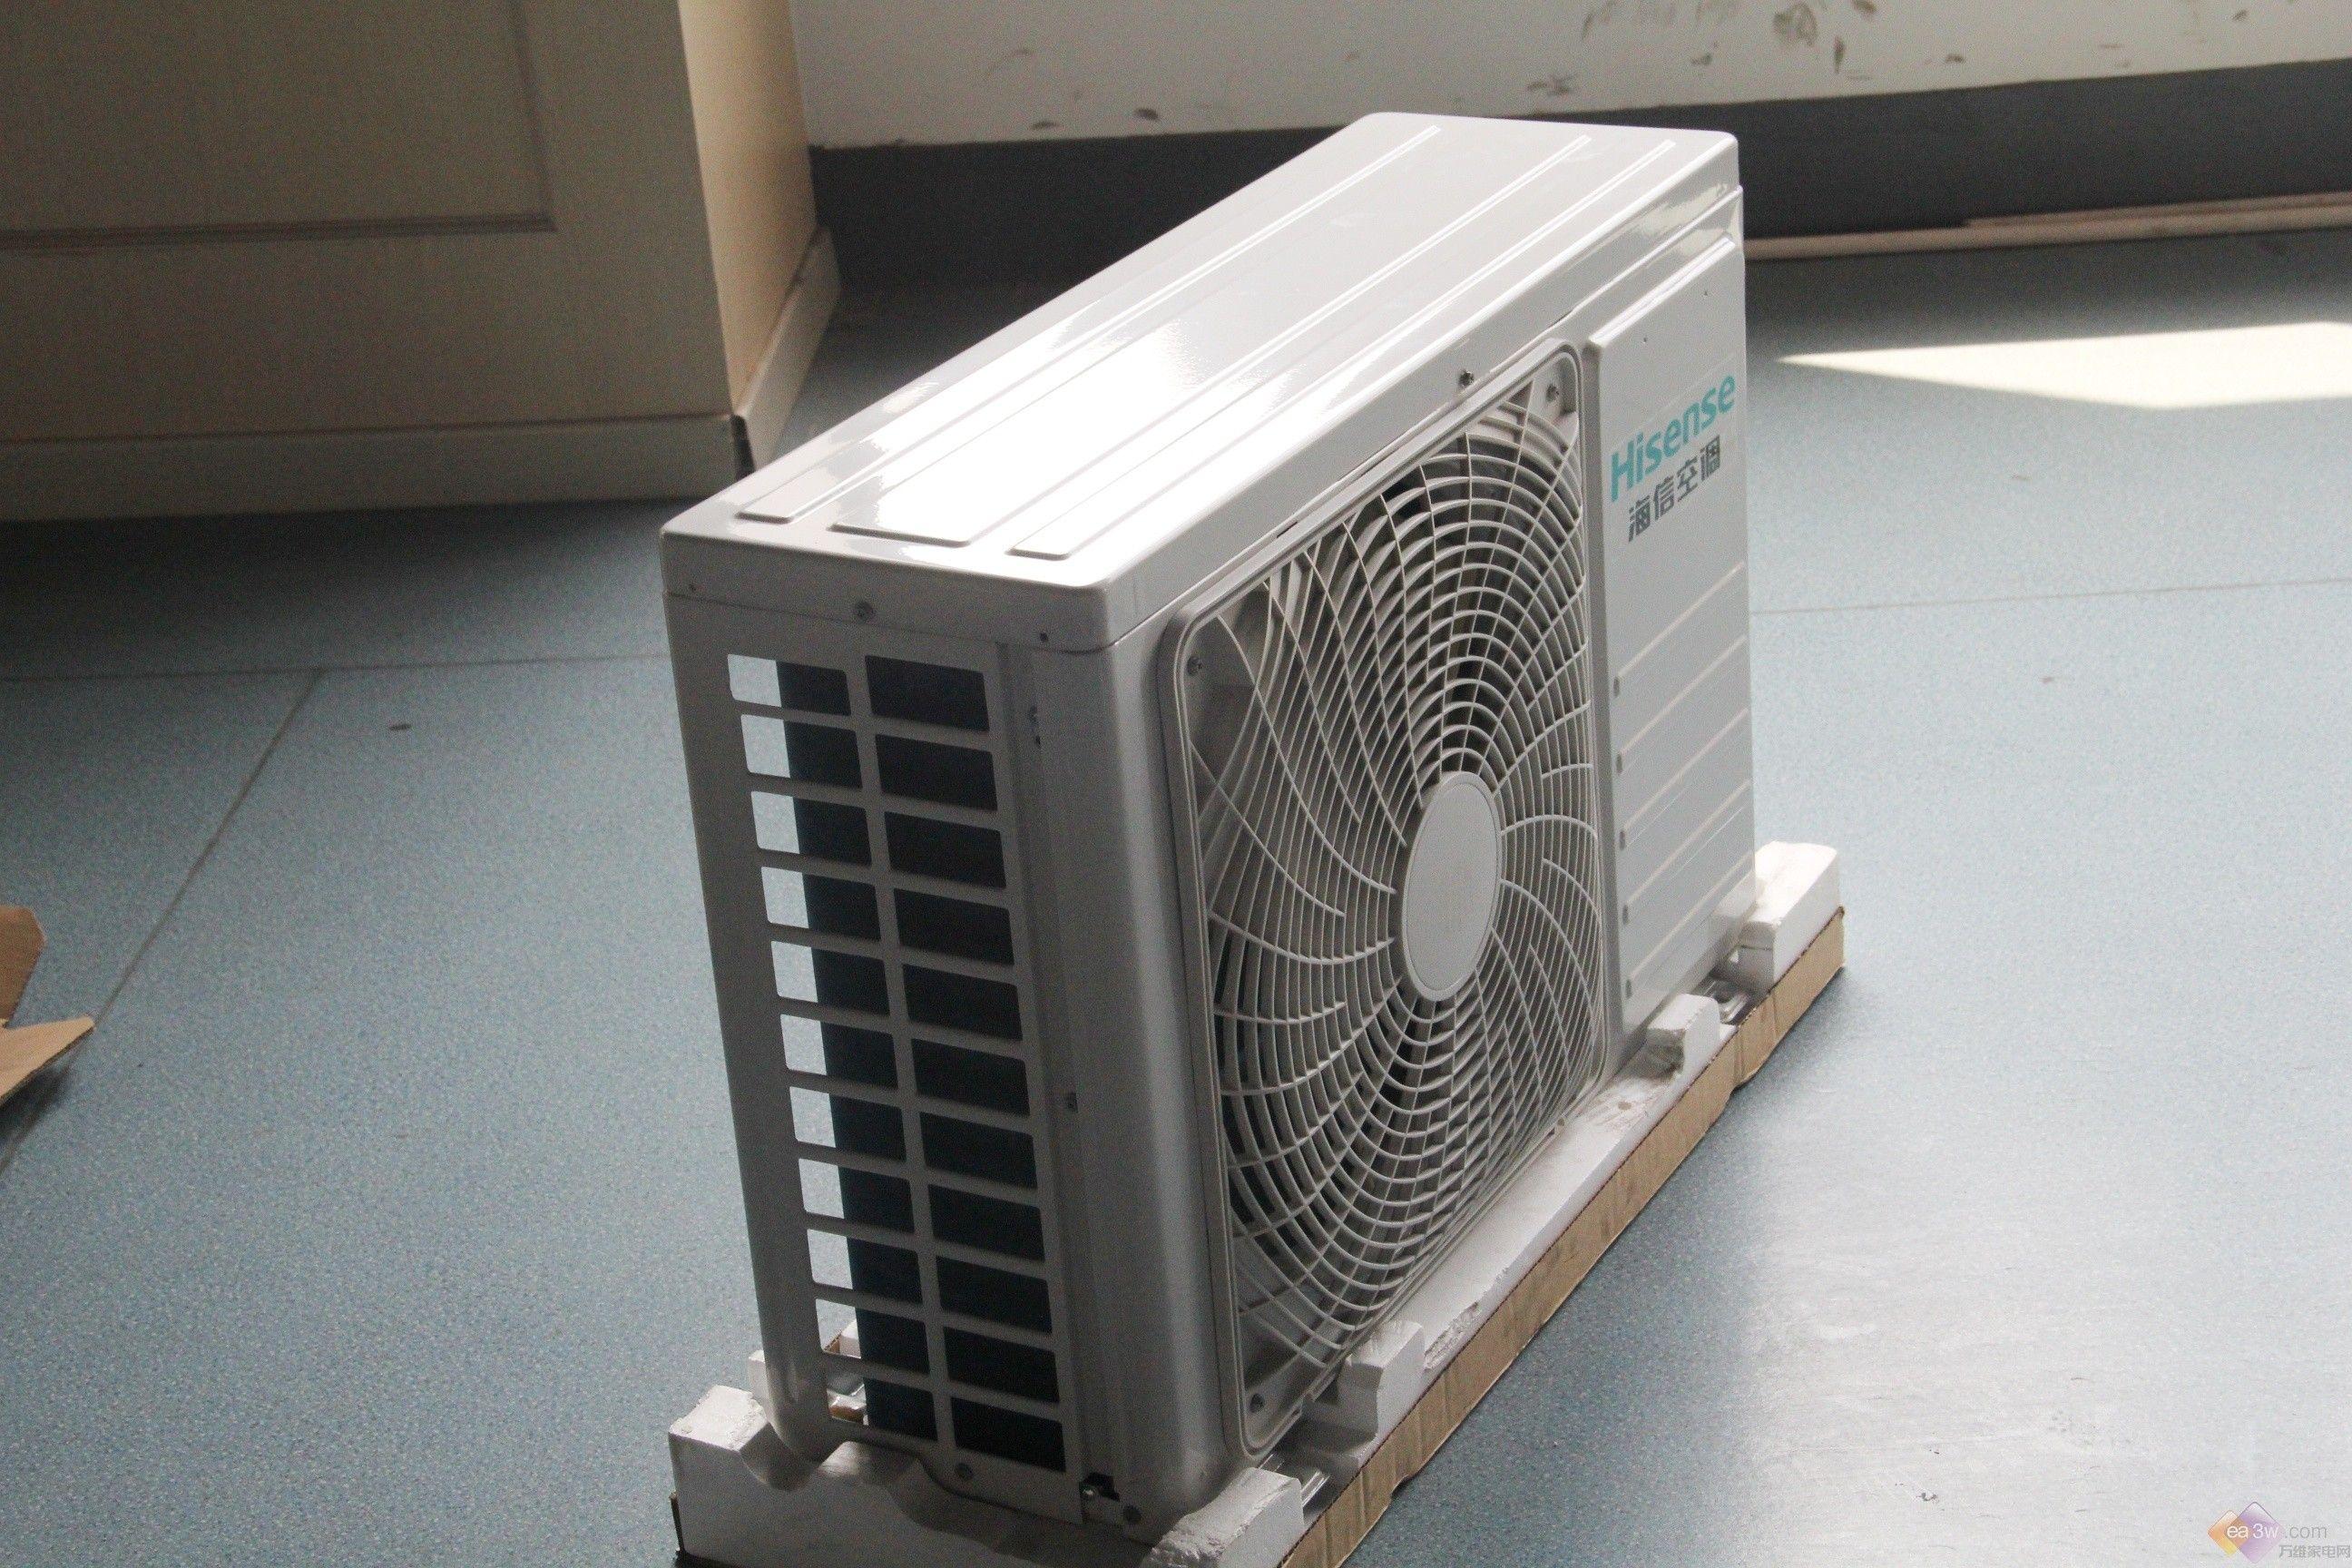 格力空调内机怎么拆 格力空调内机清洗拆机 格力空调拆外机图解图片